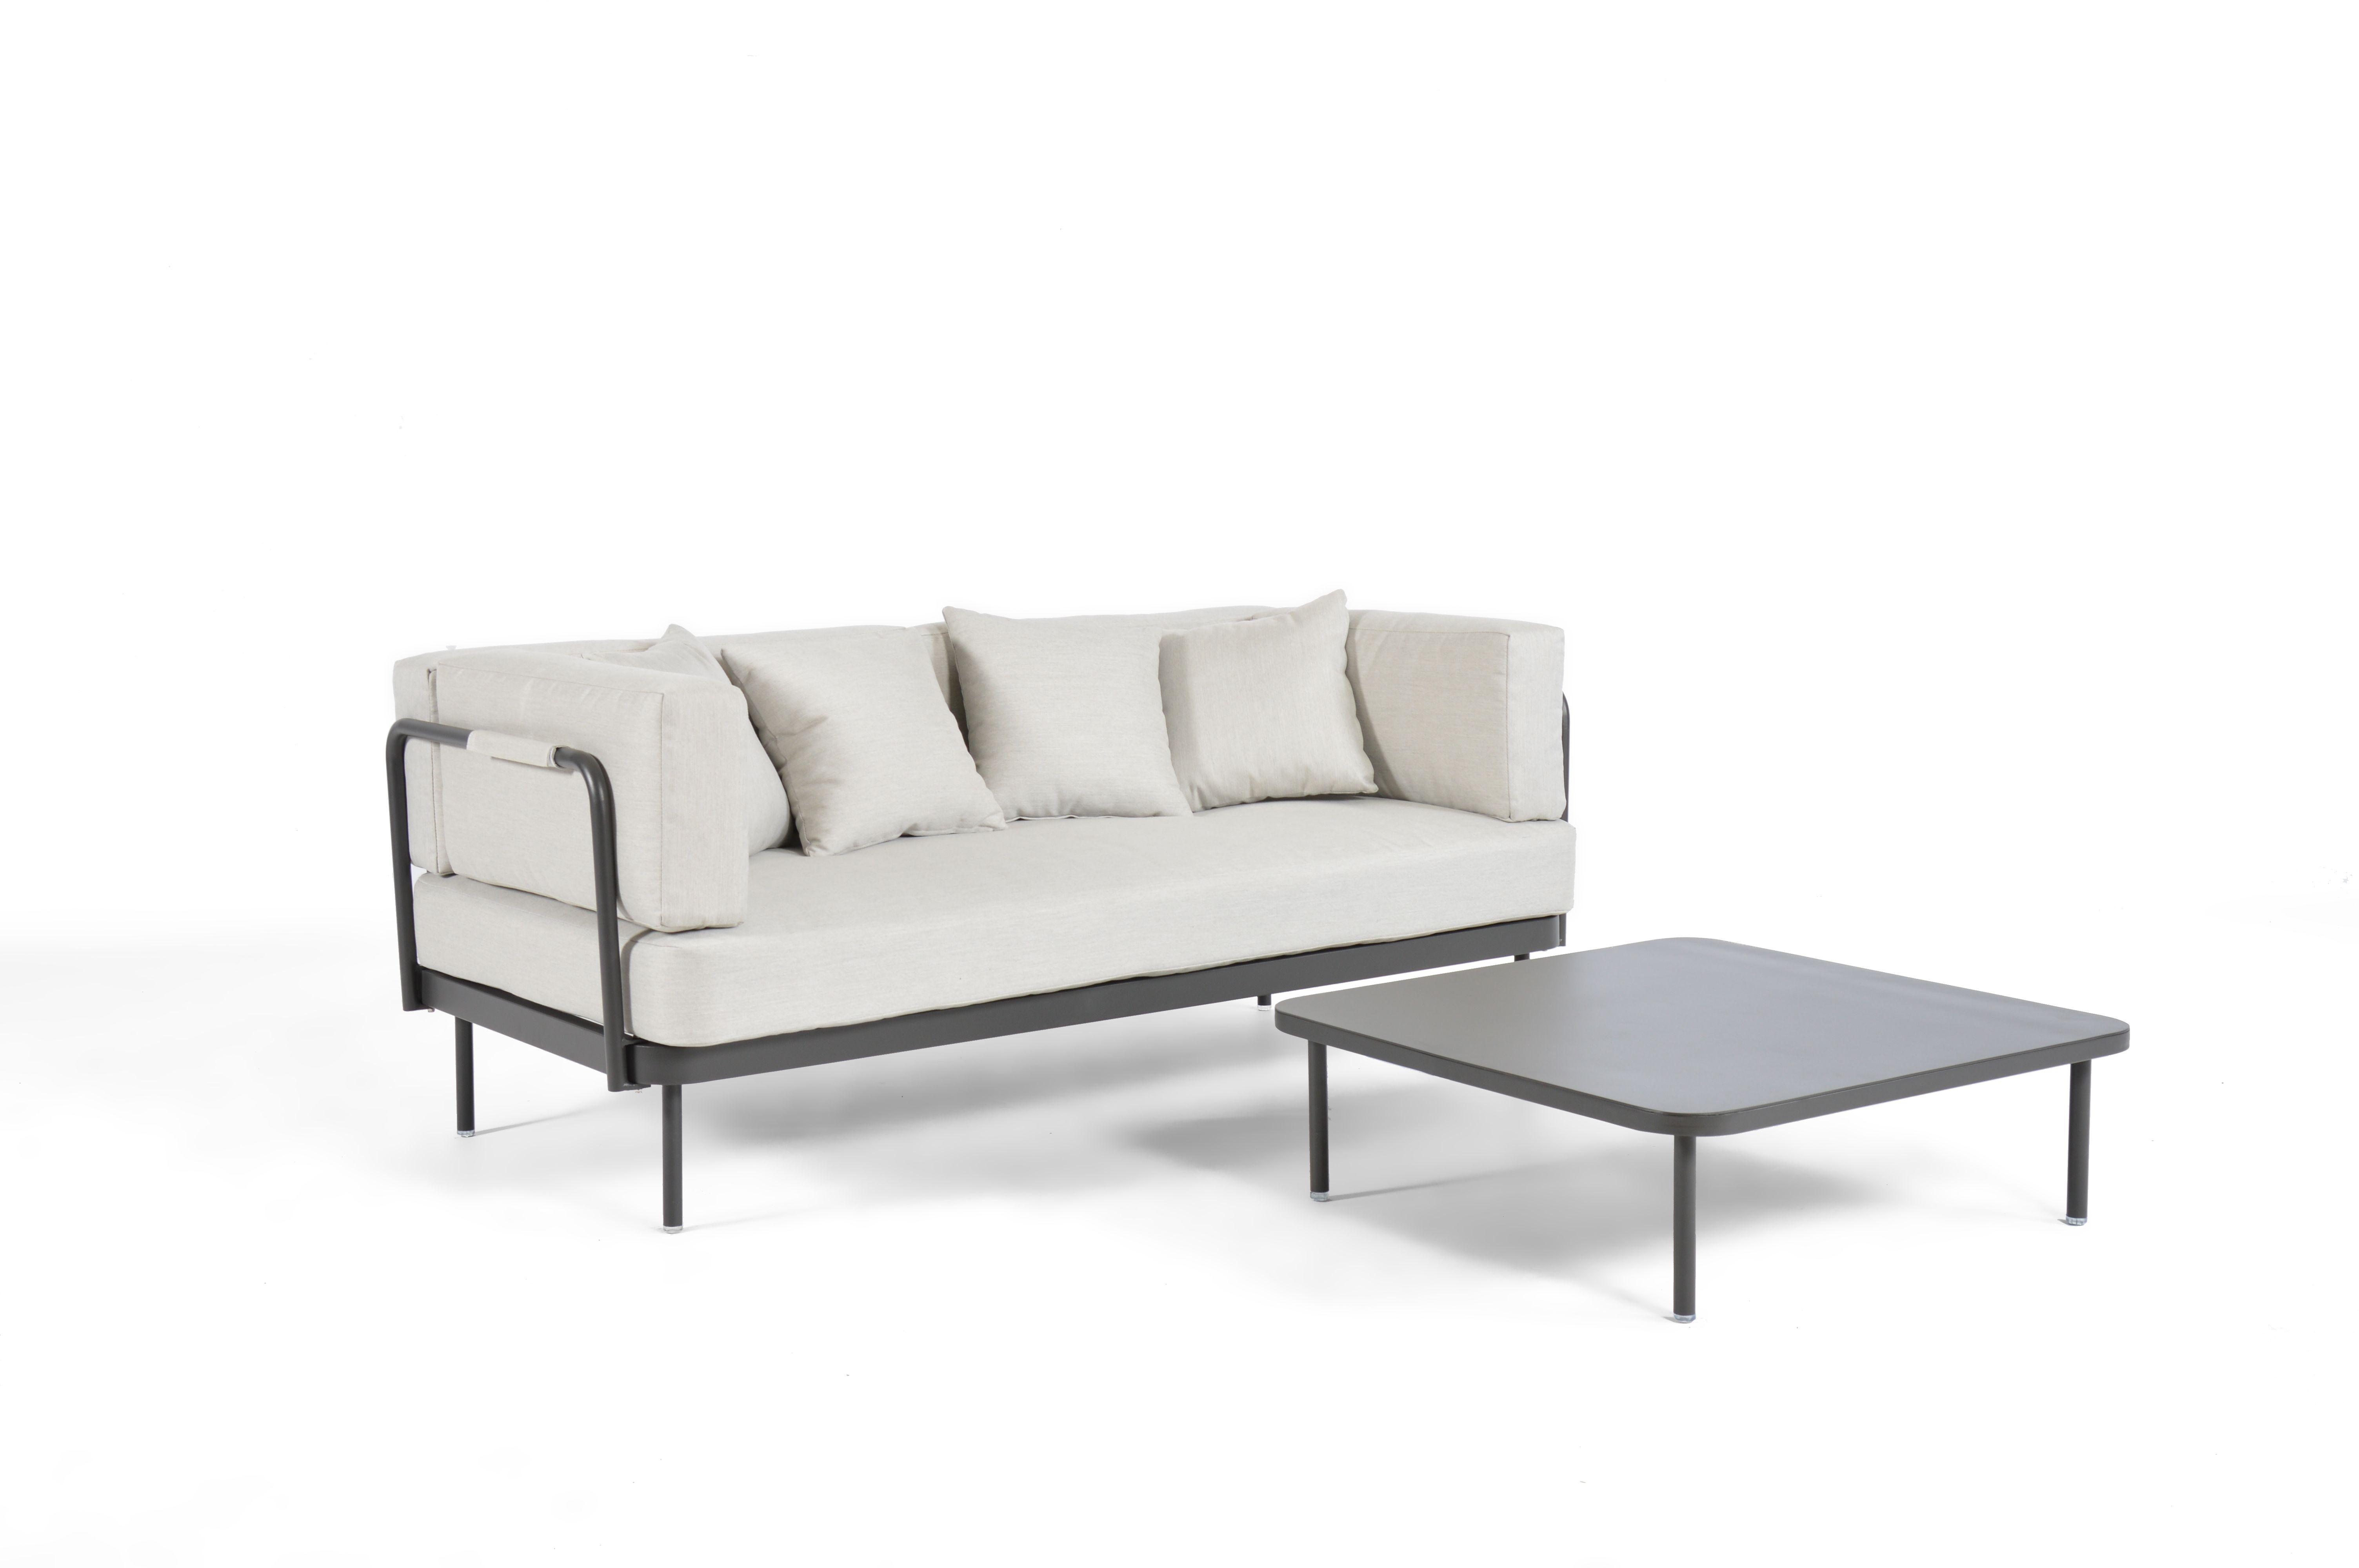 Salon de jardin 3 places en aluminium gris clair